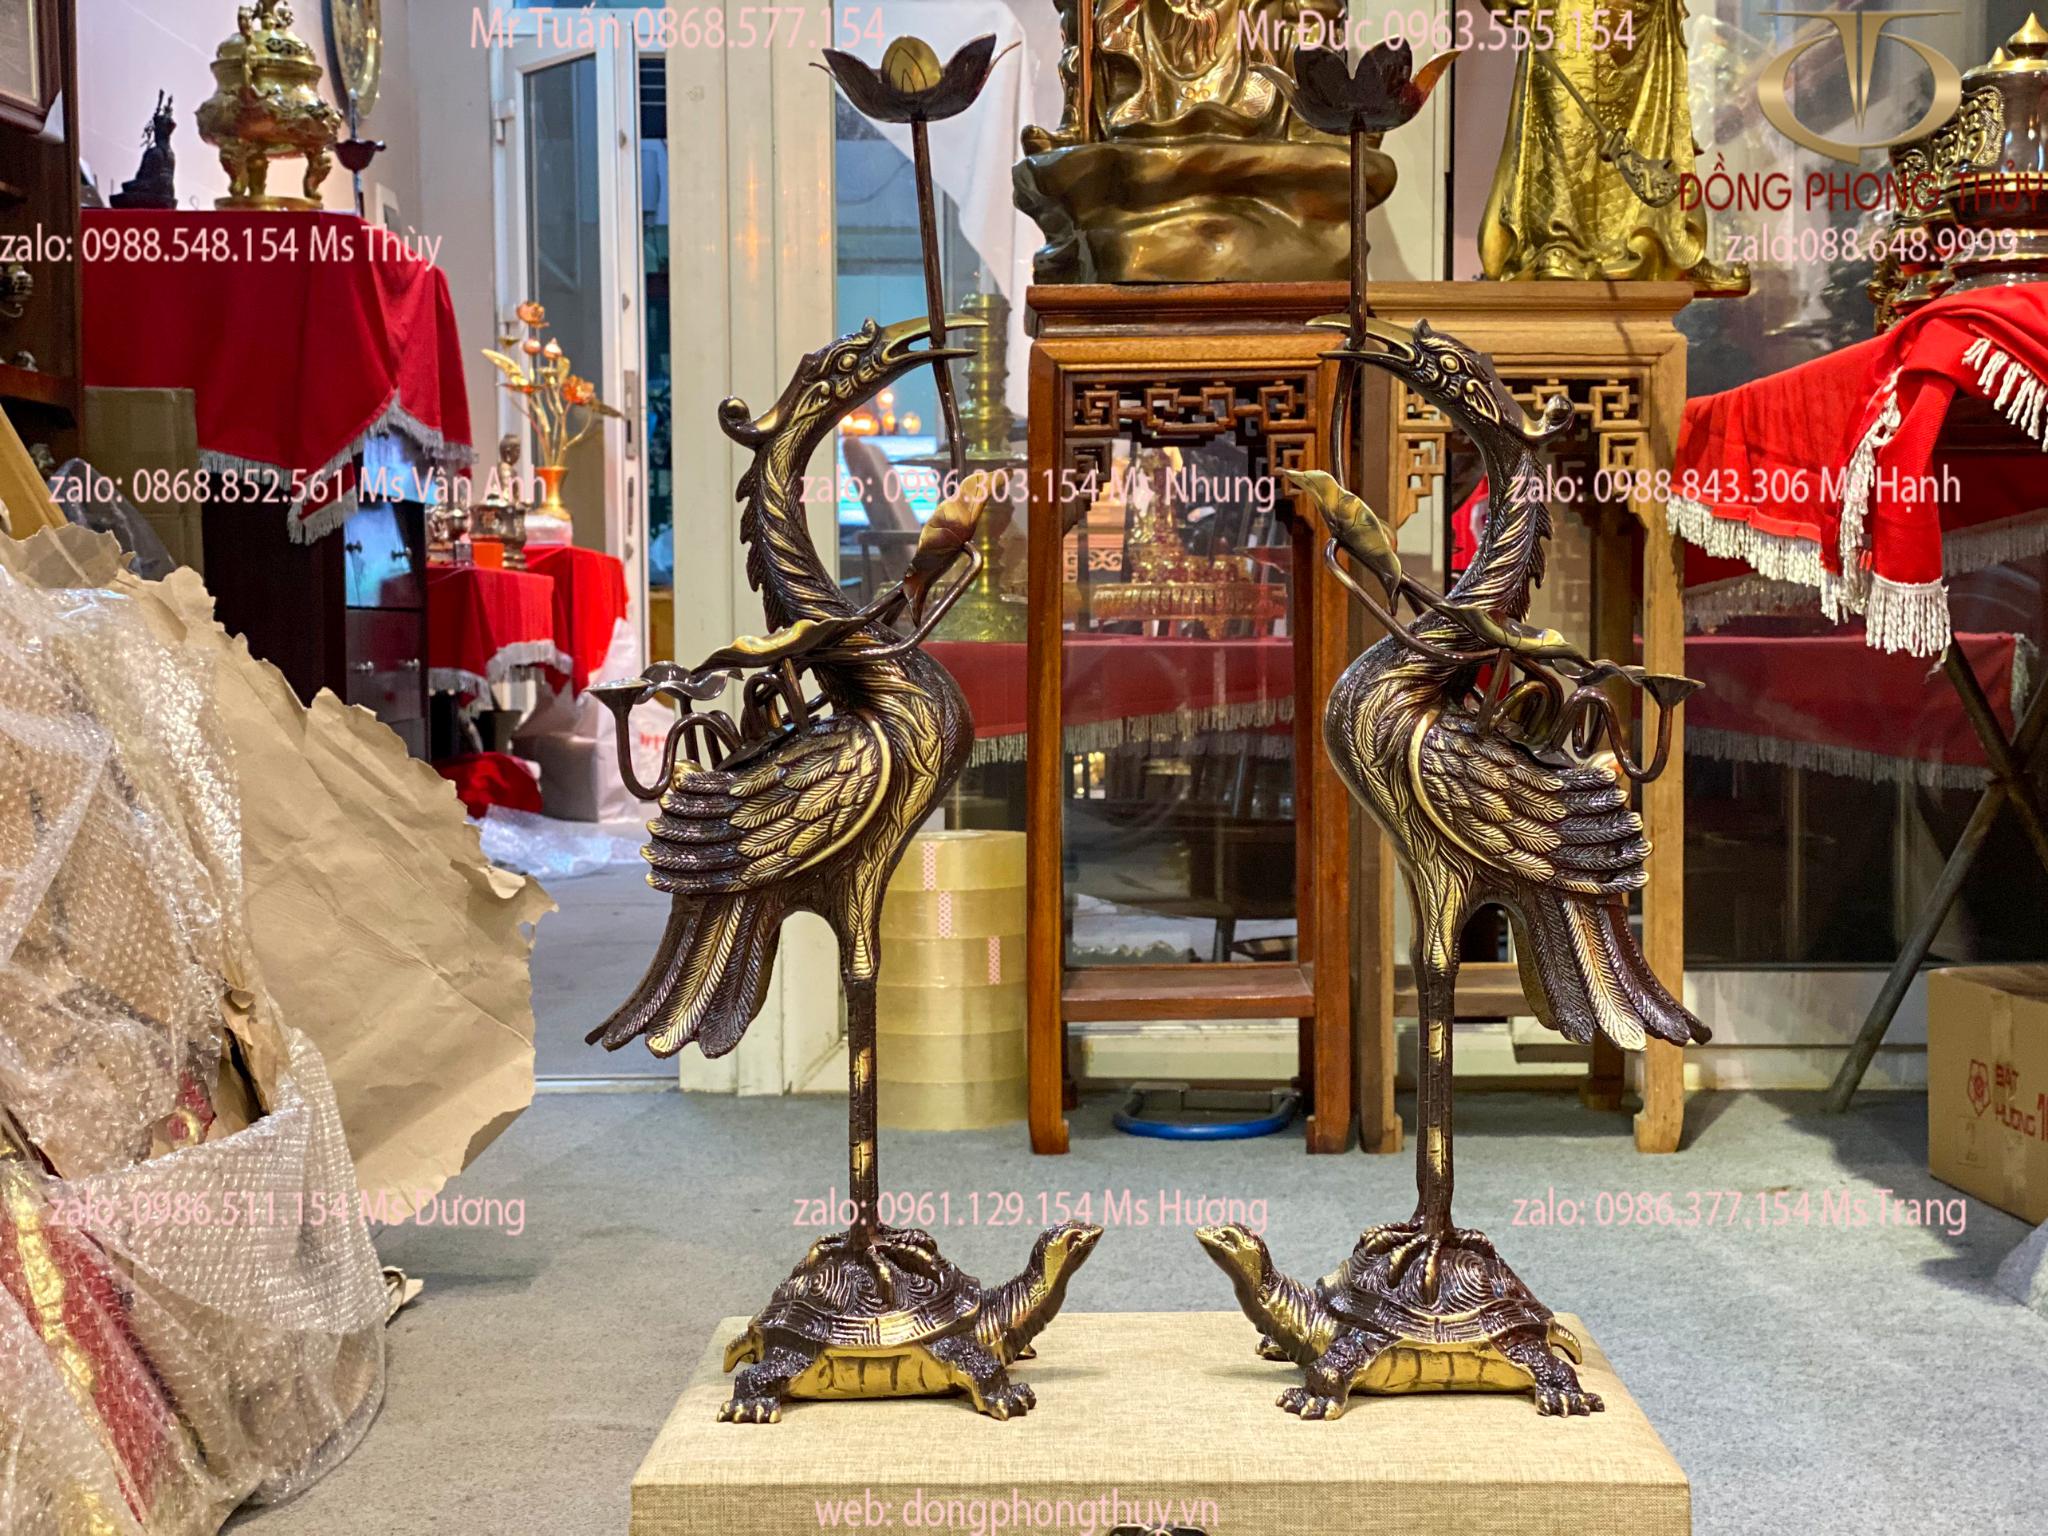 Đôi hạc đồng thờ cúng 52cm màu tím đậm nặng 5,5kg